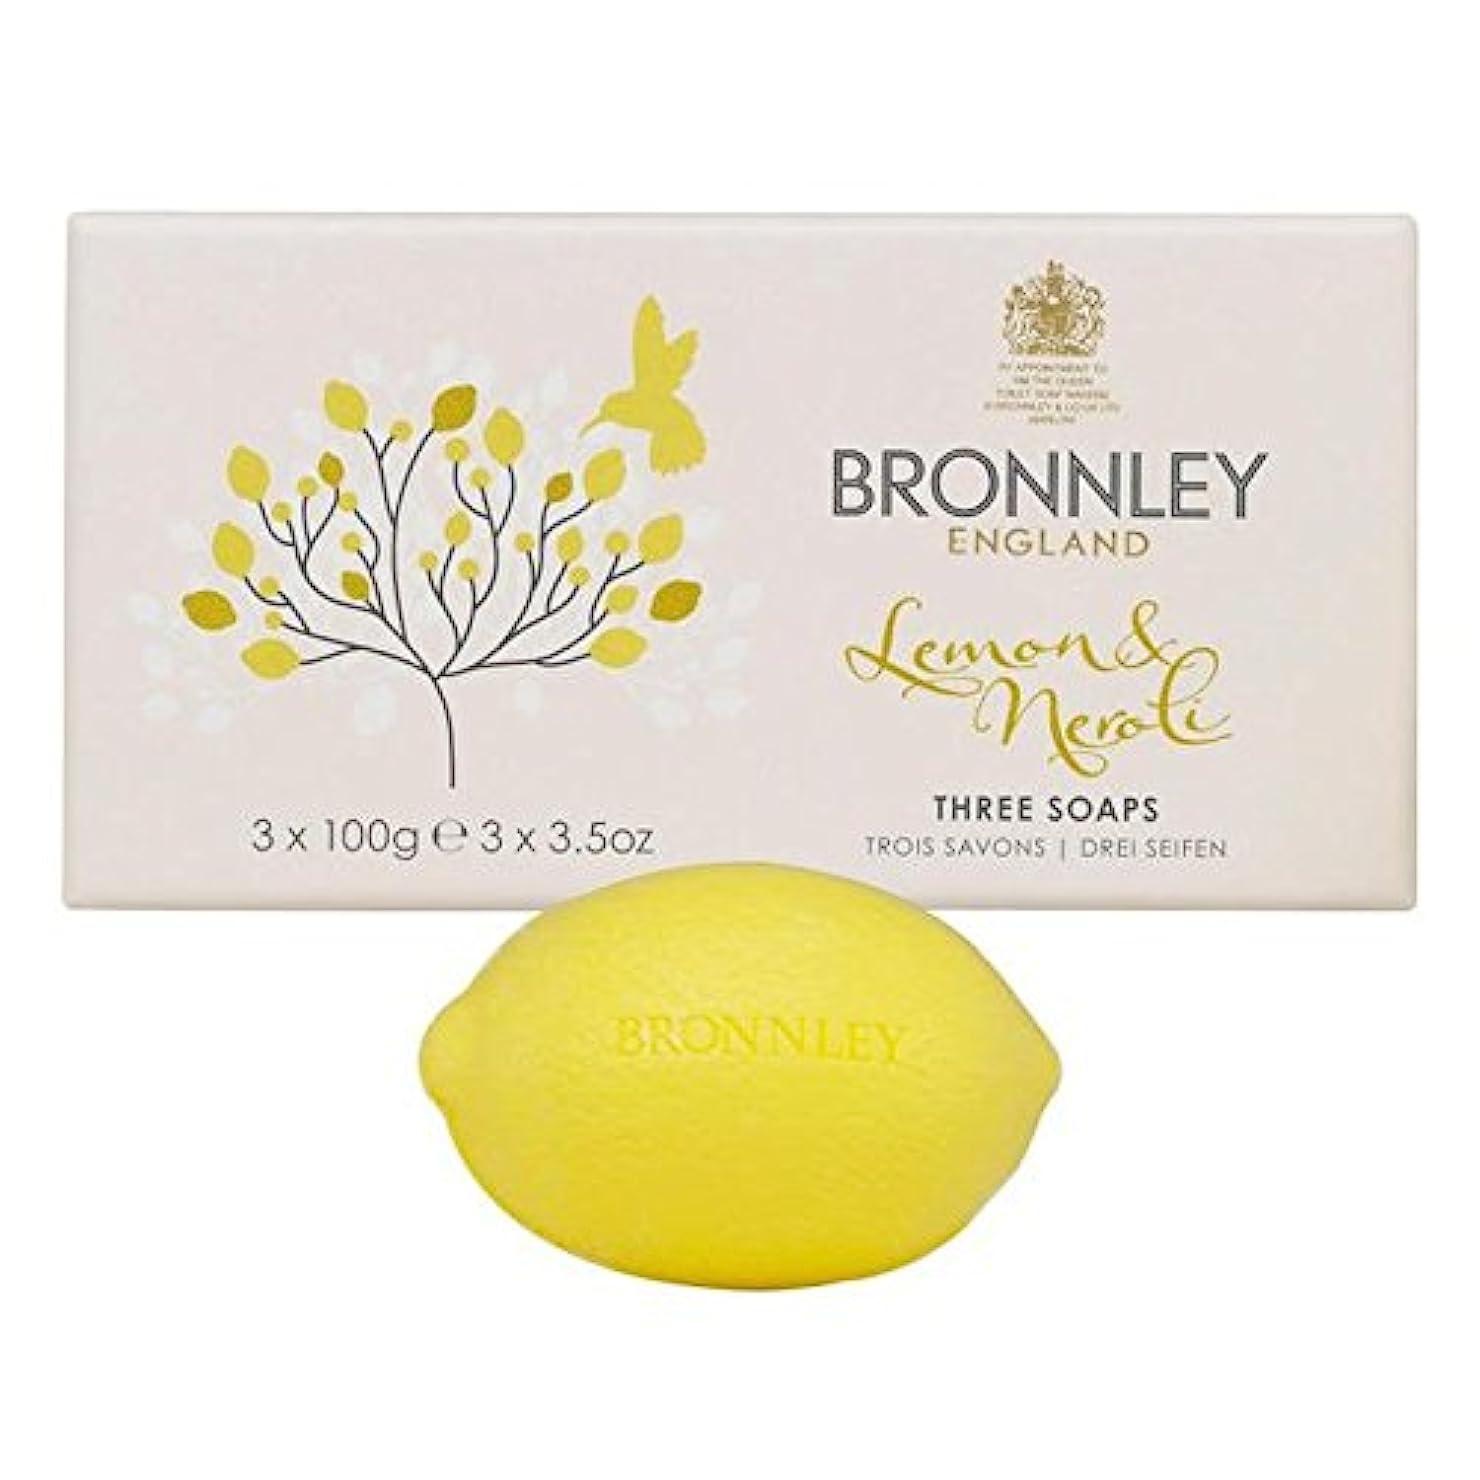 服を片付けるショップ機動レモン&ネロリ石鹸3×100グラム x4 - Bronnley Lemon & Neroli Soaps 3 x 100g (Pack of 4) [並行輸入品]